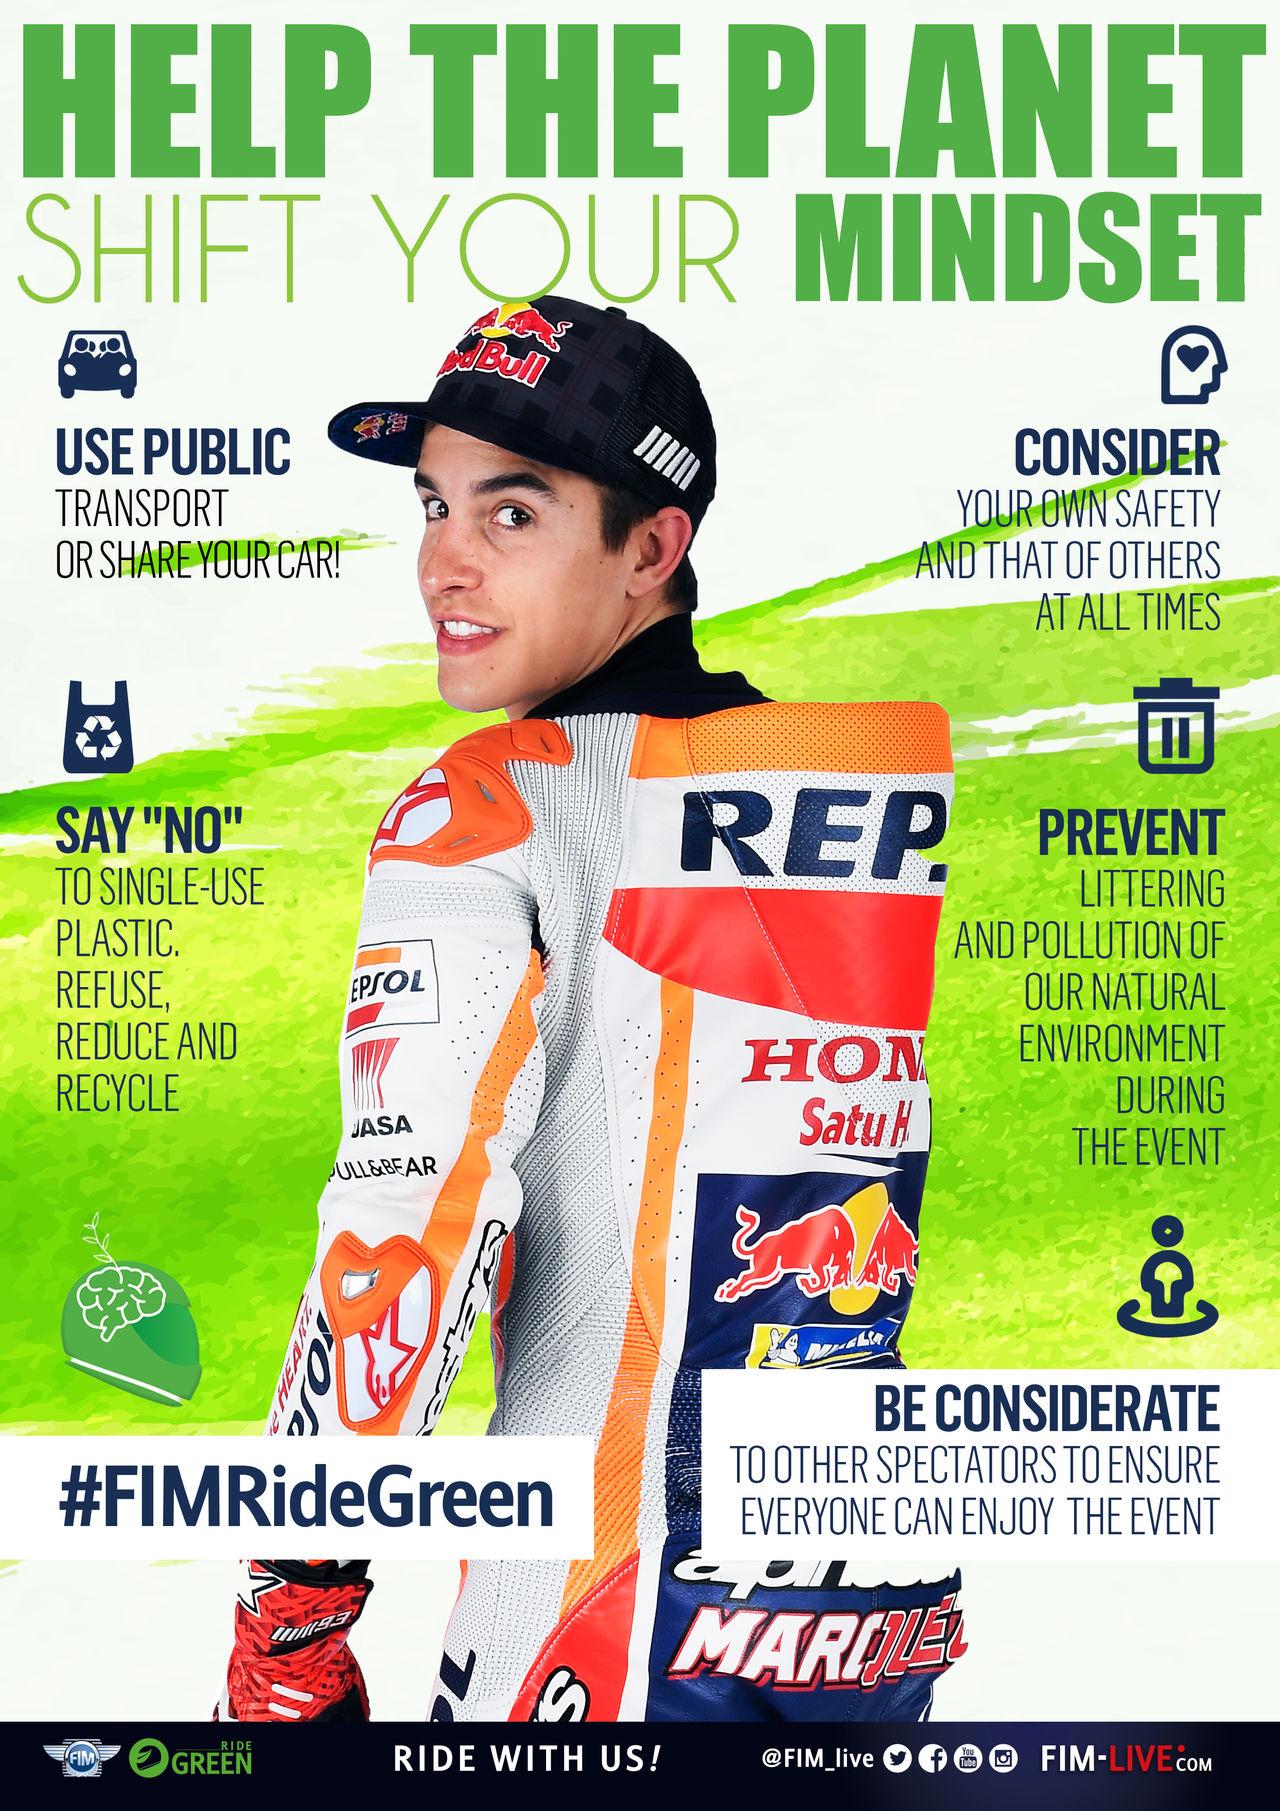 Ride green campaign - ambassador